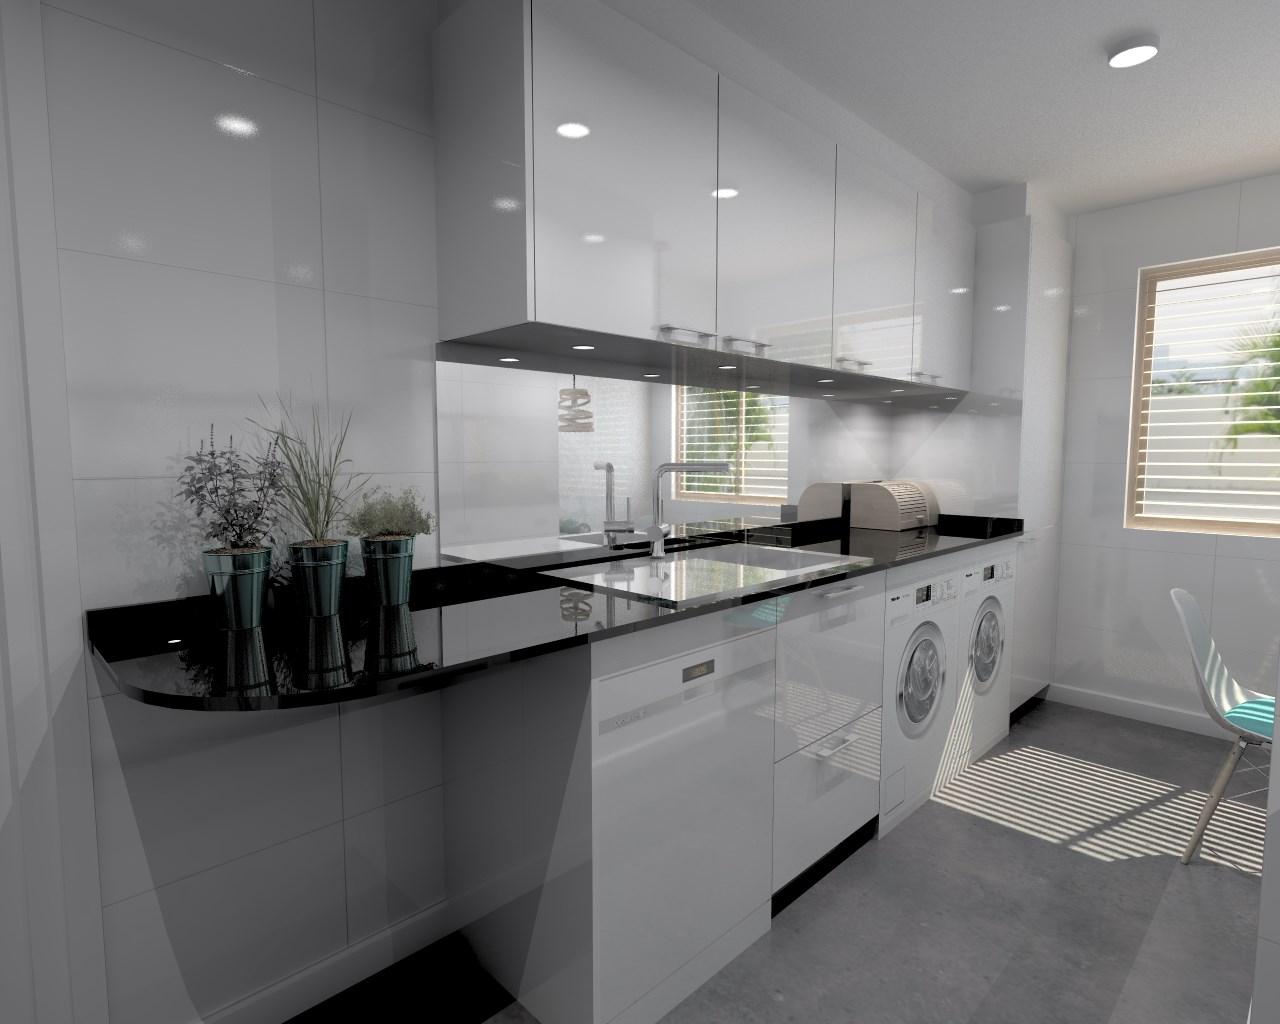 Aravaca cocina santos modelo plano laminado blanco for Cocina blanca encimera granito negra